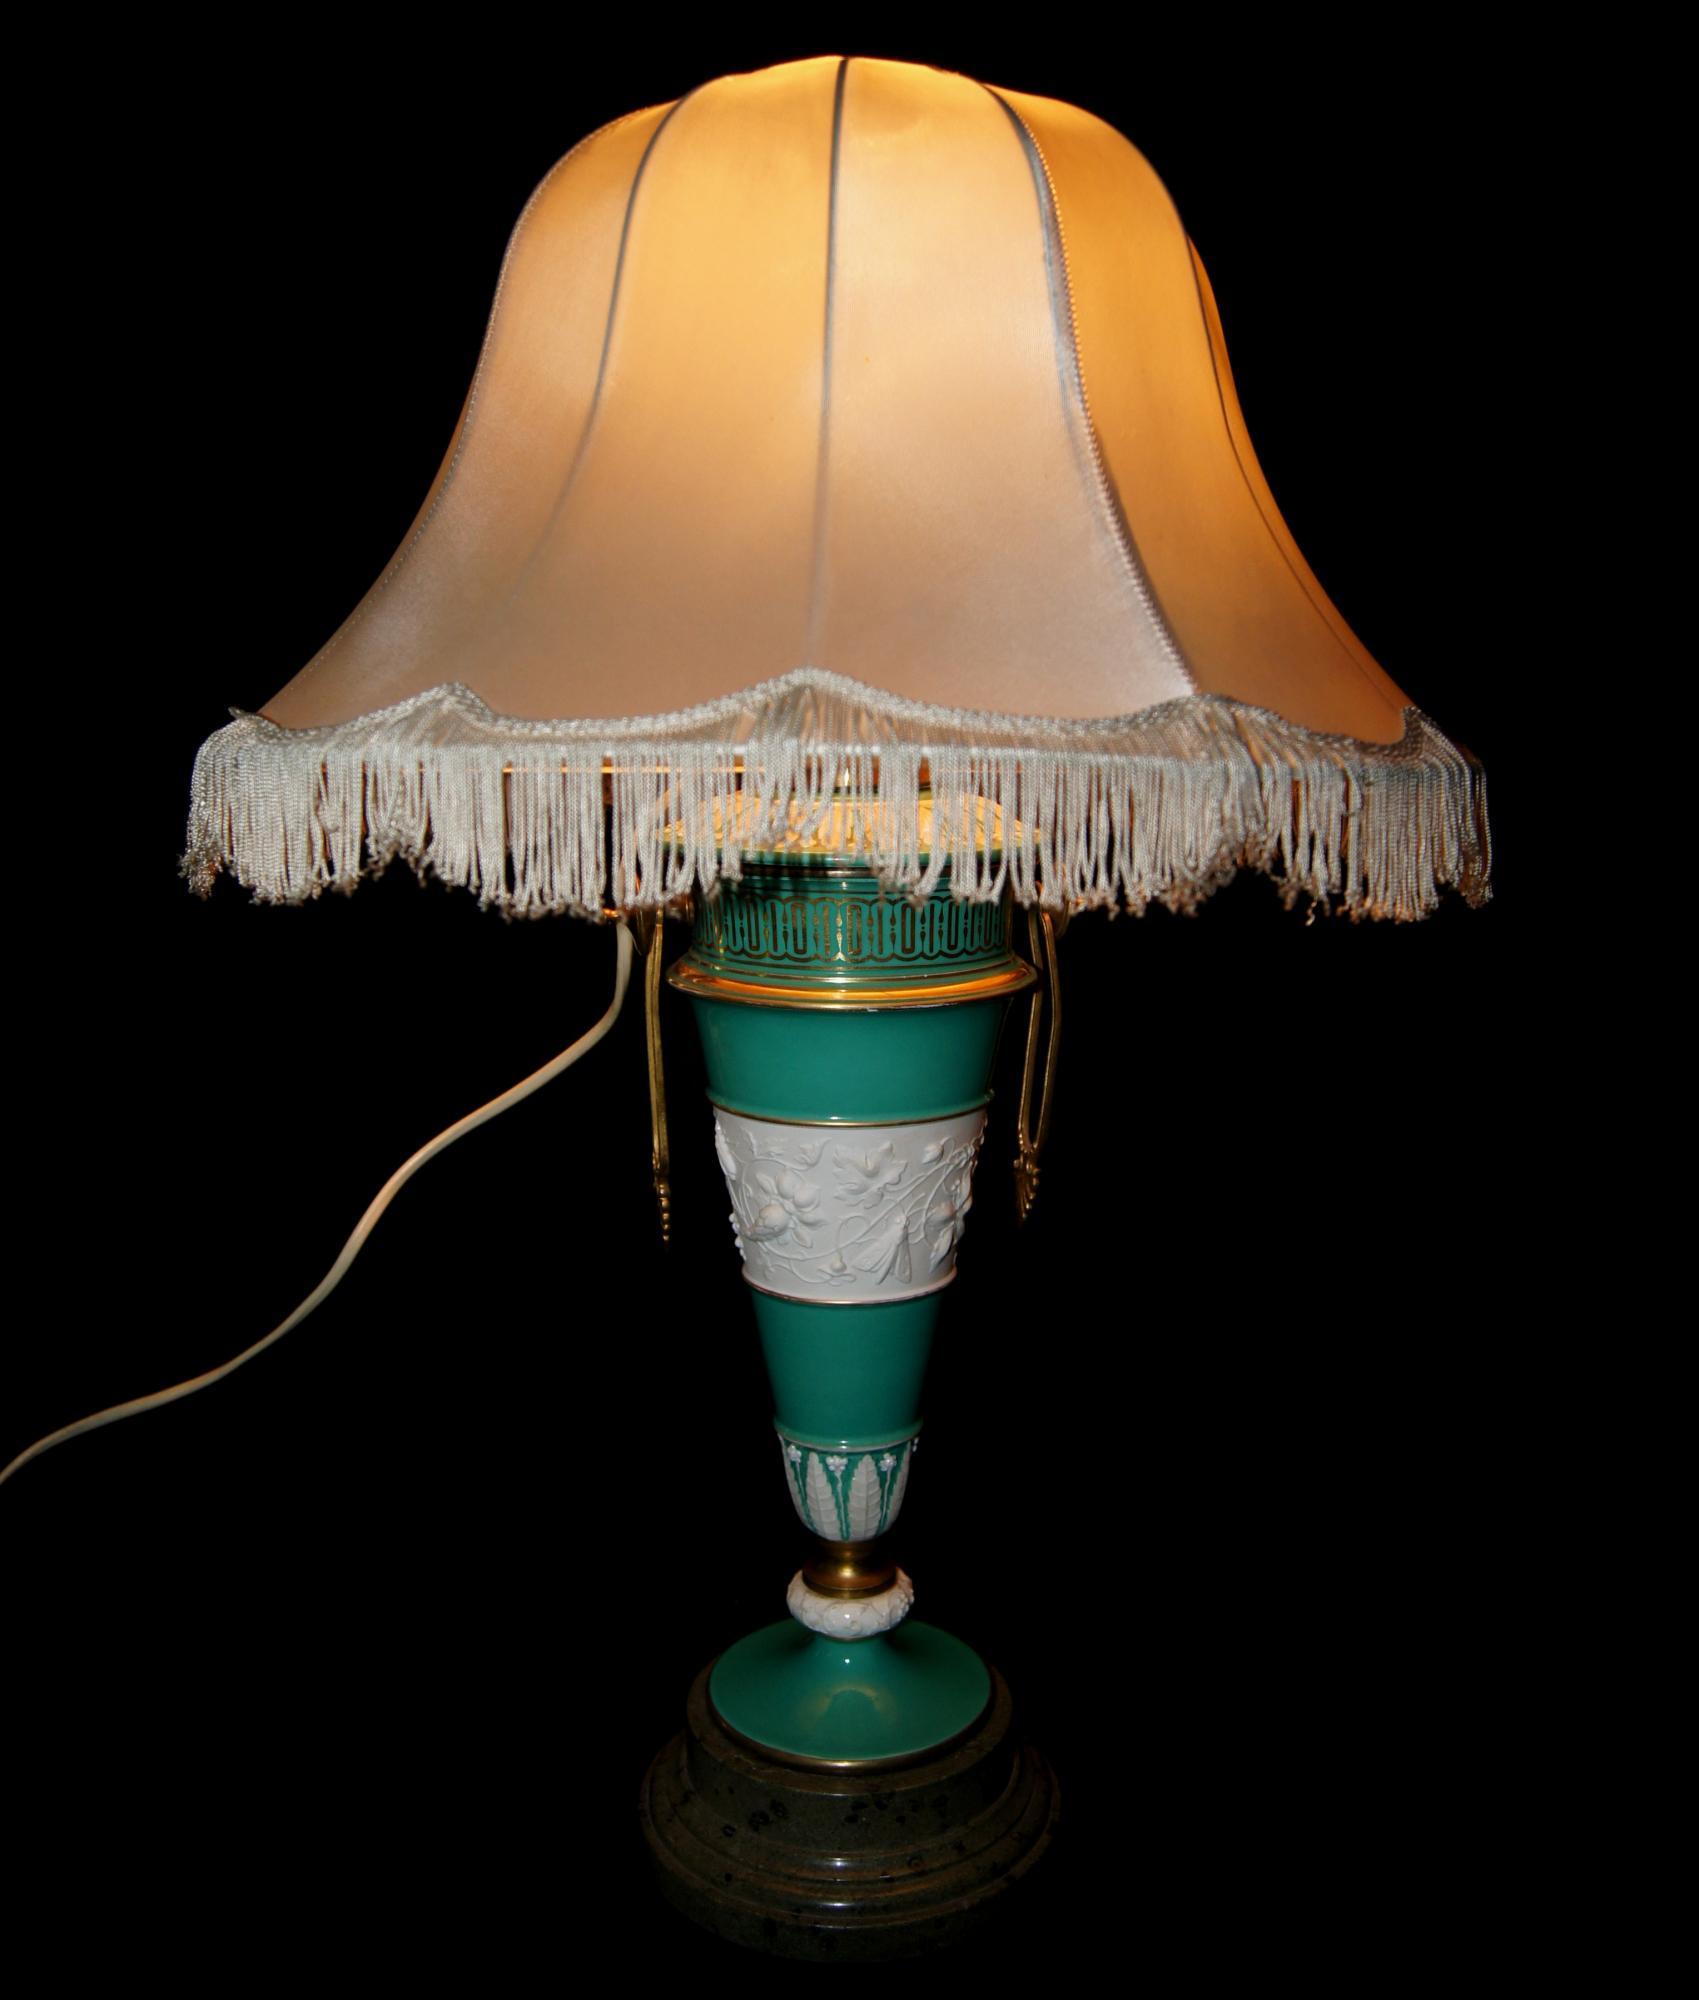 старинная настольная лампа. KPM. германия